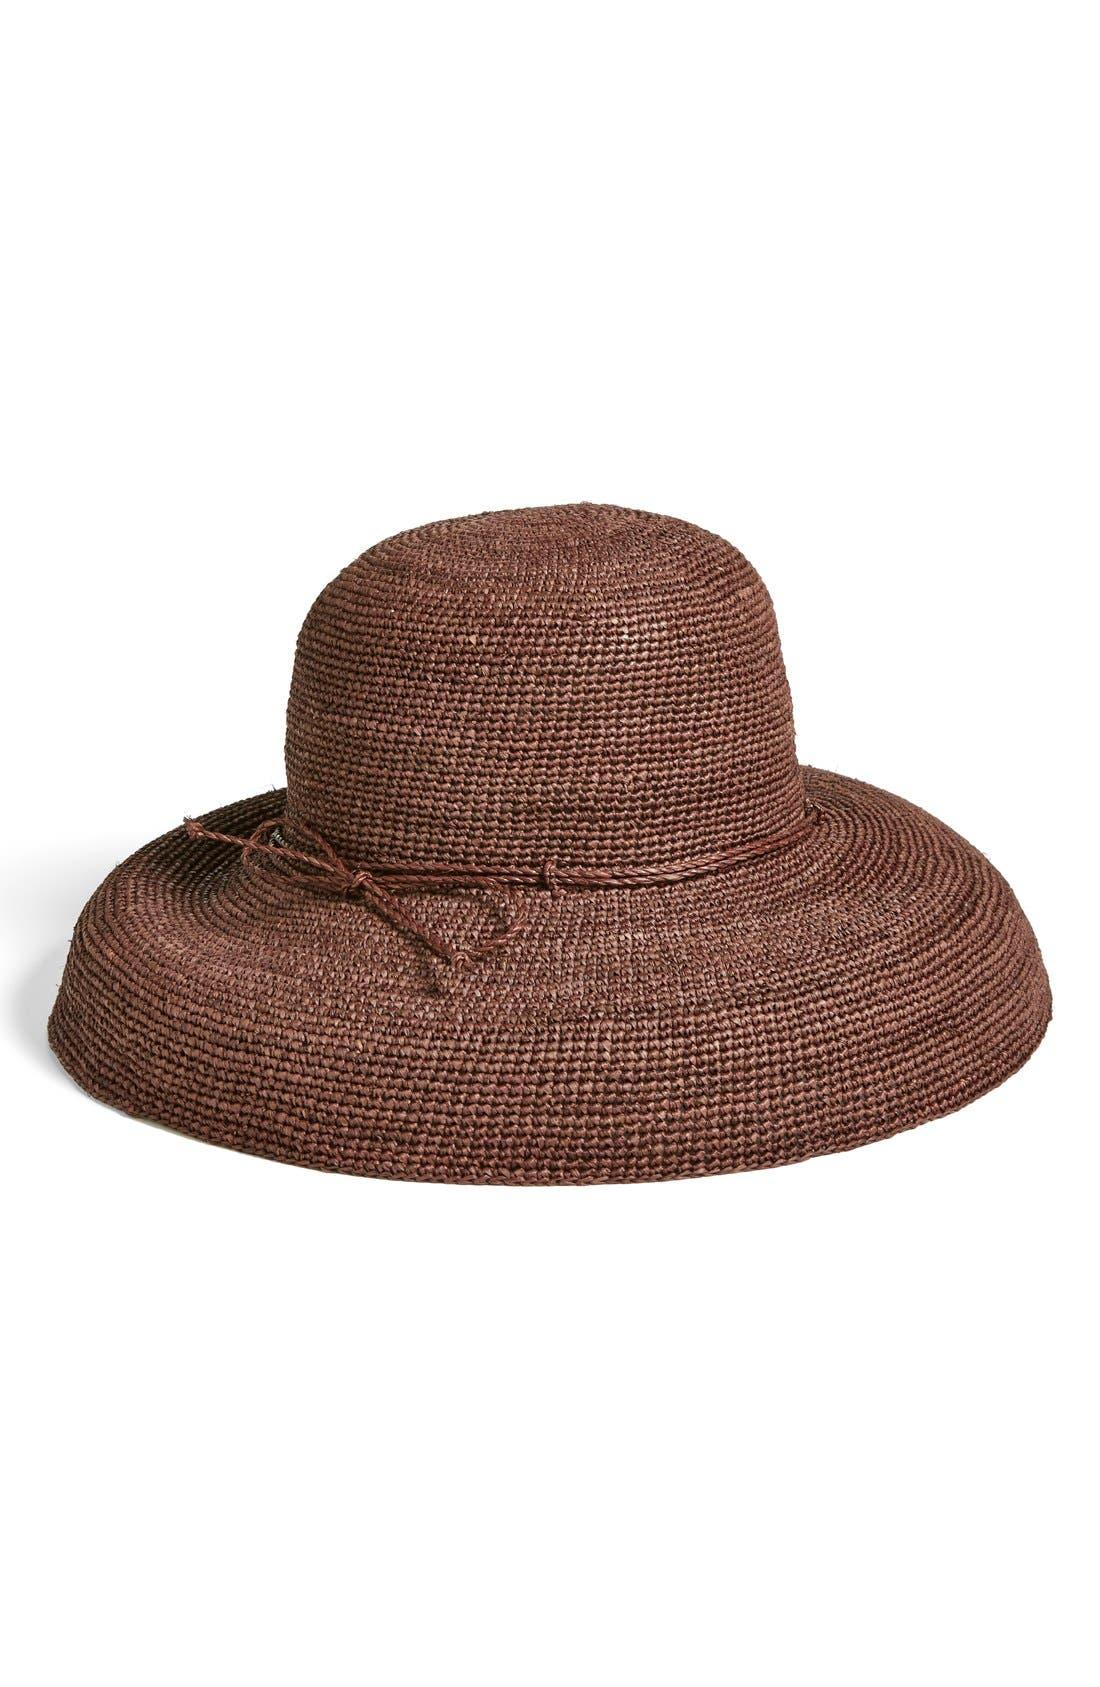 'Provence 12' Packable Raffia Hat,                             Main thumbnail 2, color,